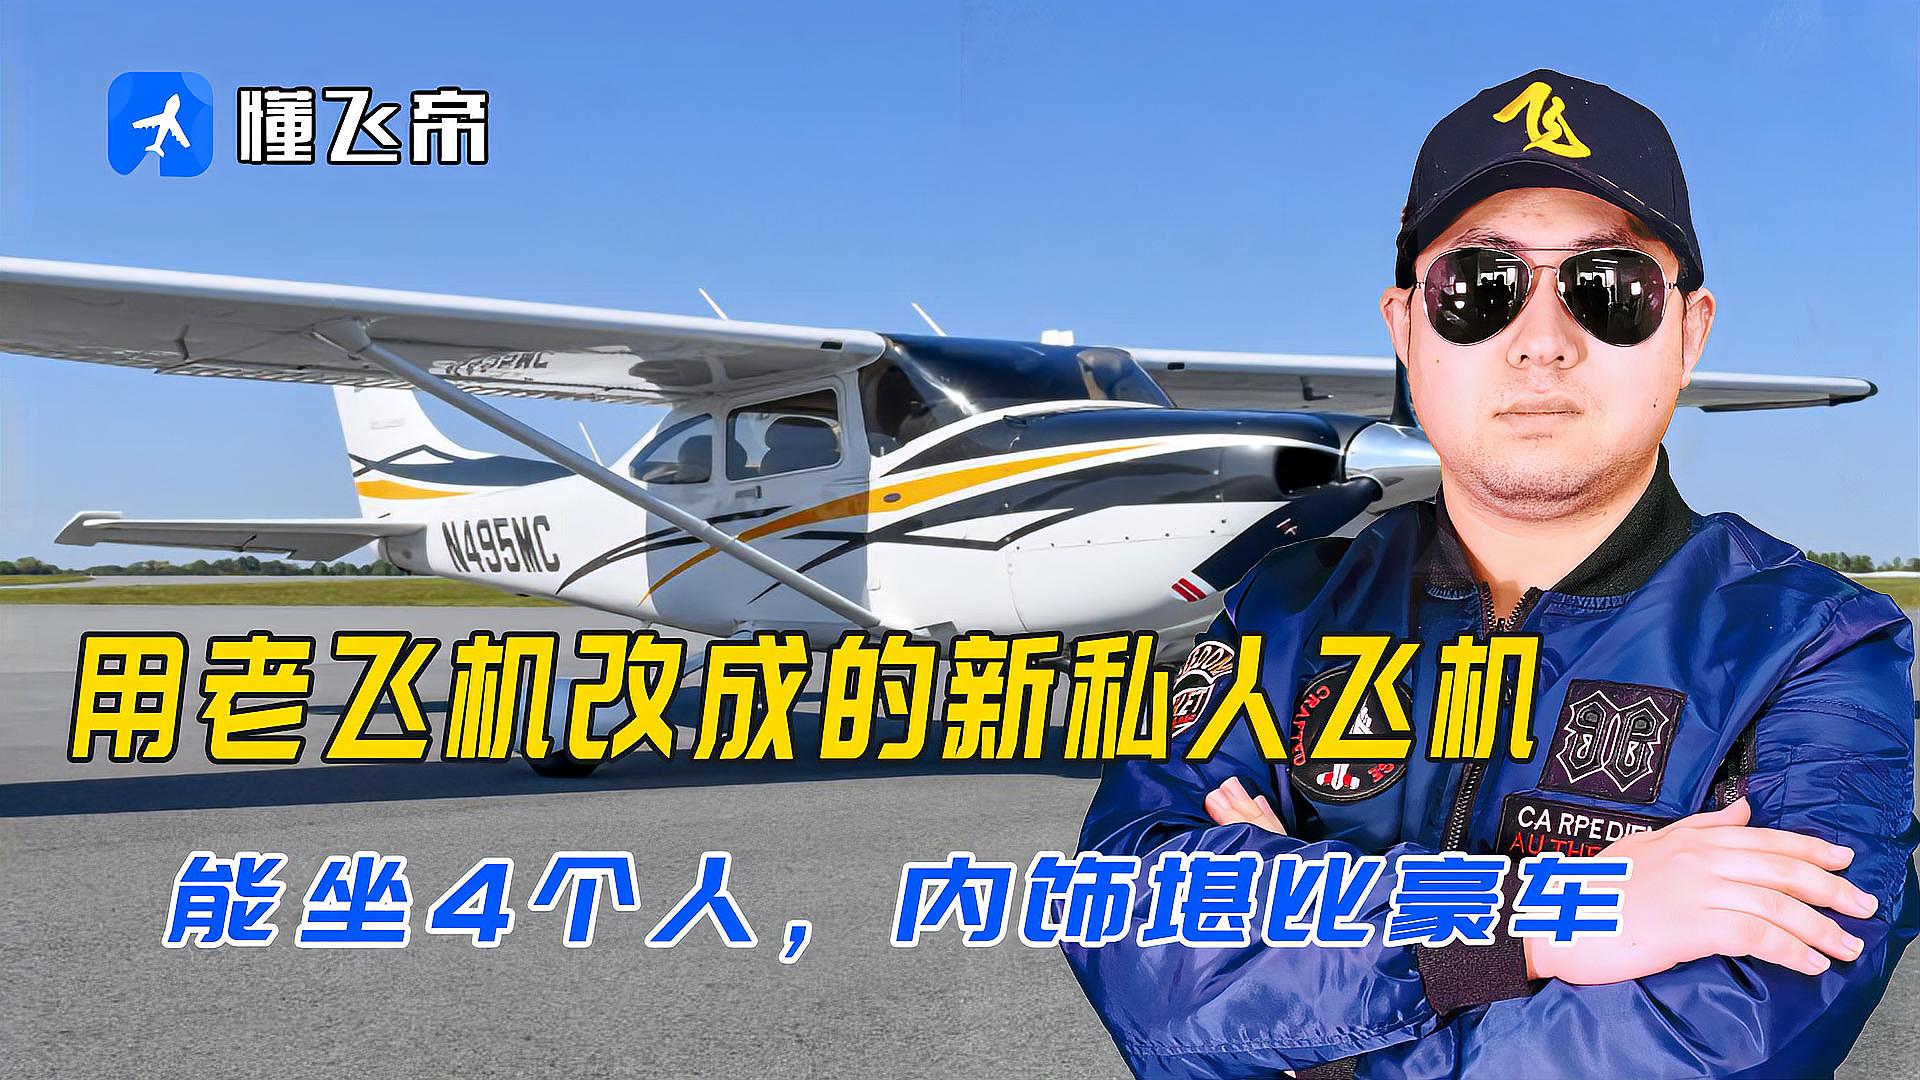 用老飞机改成的新私人飞机,能坐4个人,内饰堪比豪车